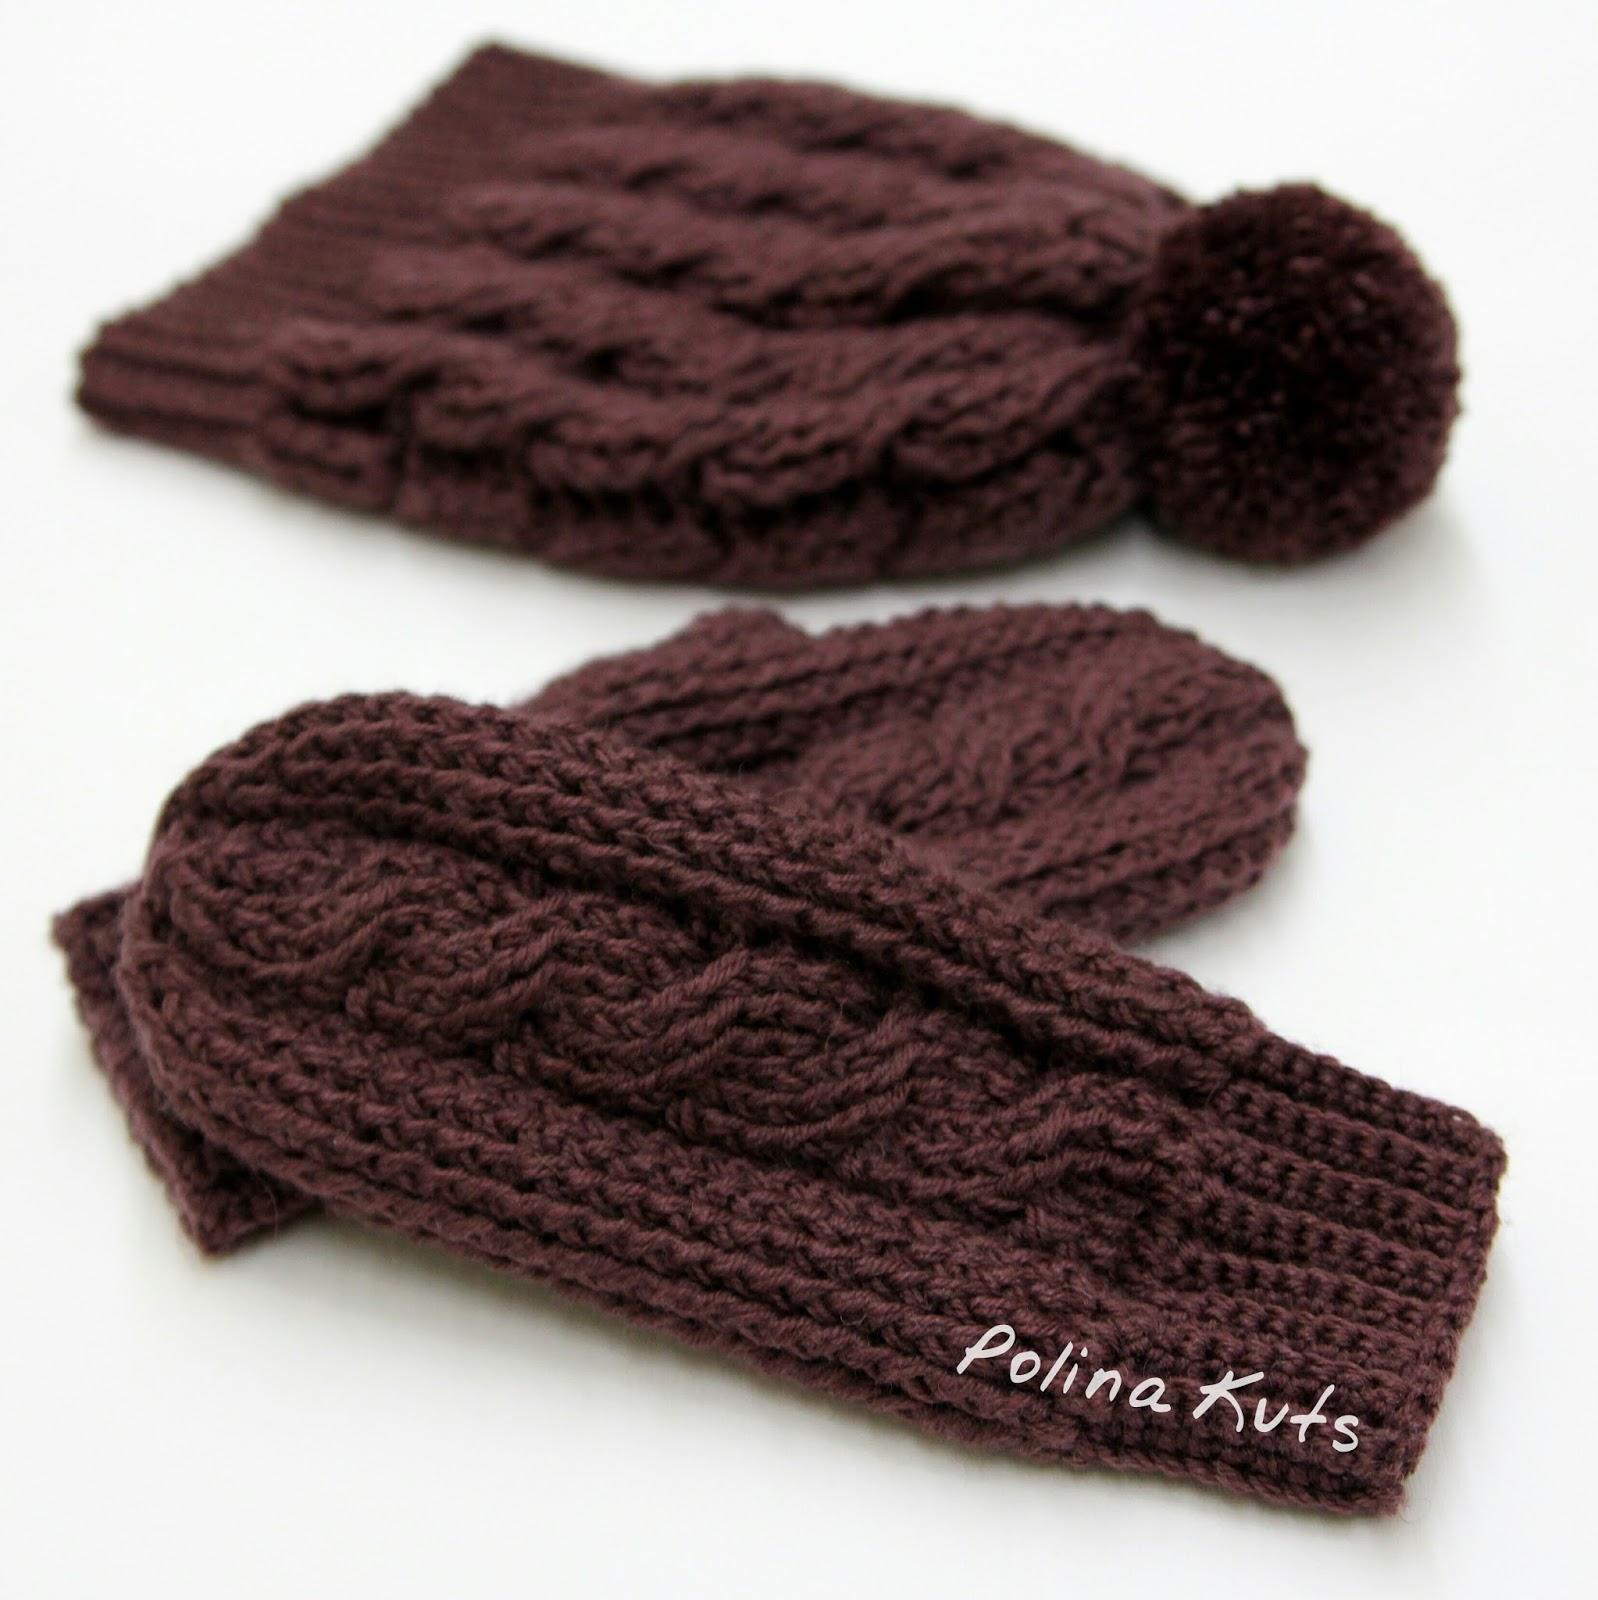 схема вязки плетеночка на спицах для варежек